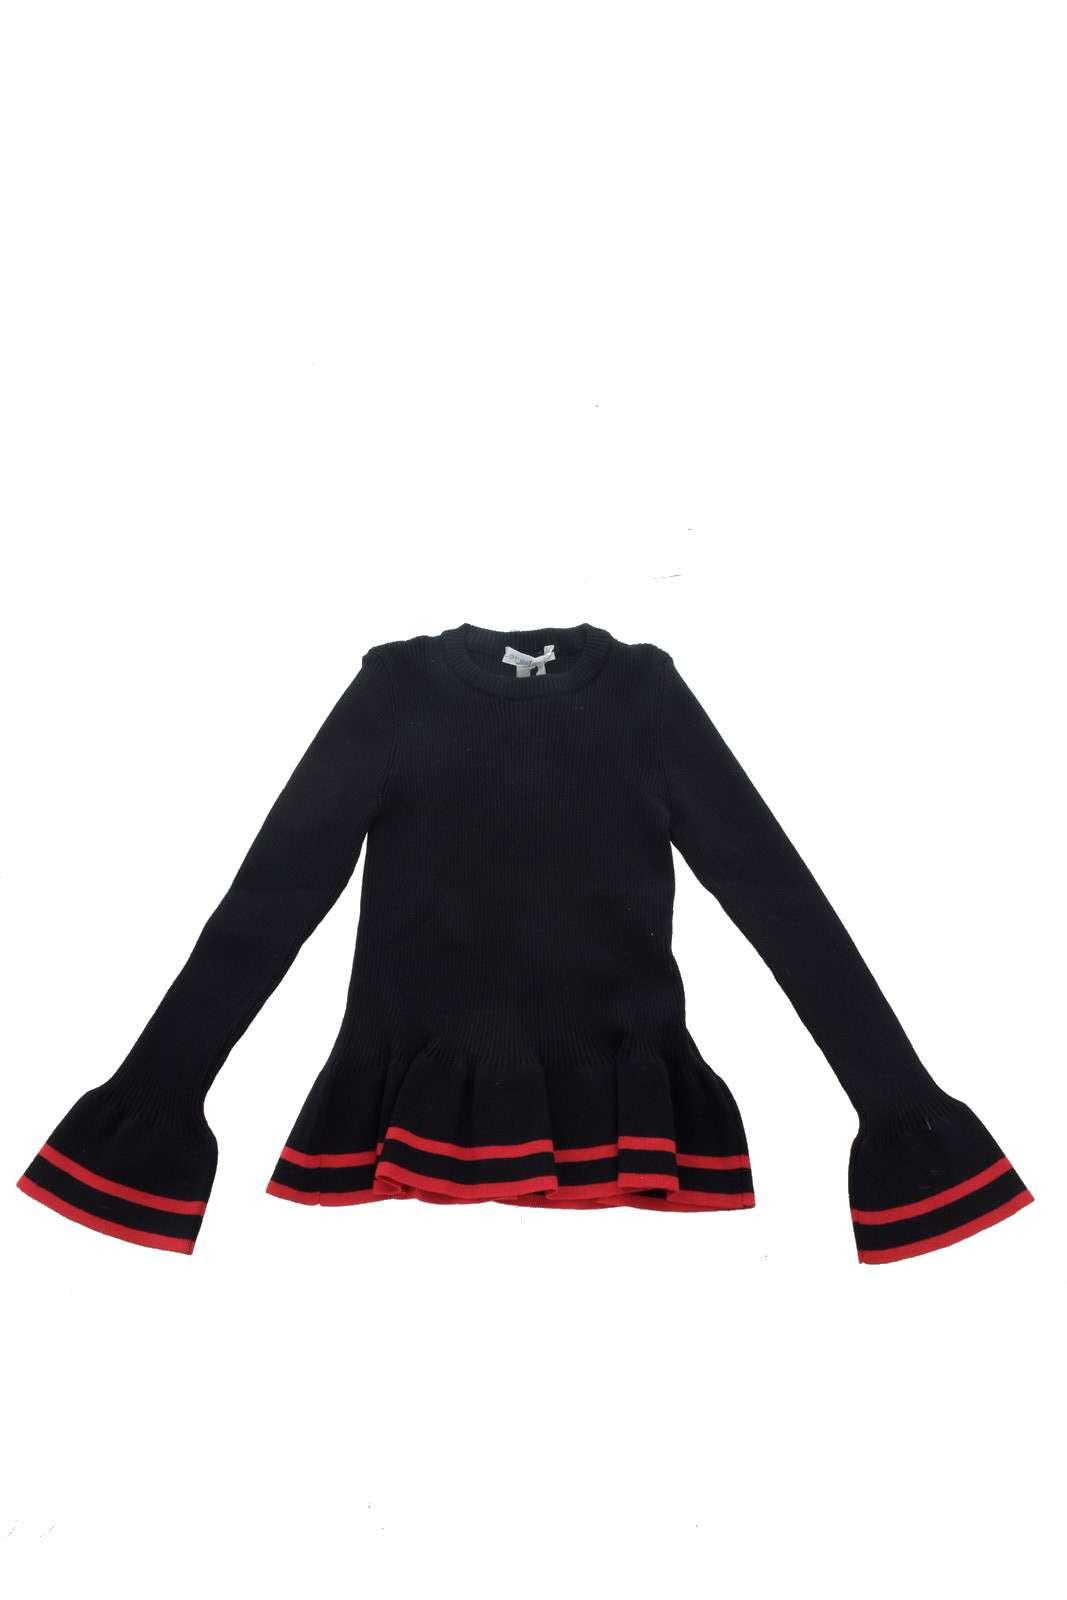 /media/catalog/product/a/i/AI-outlet_parmax-maglia-bambina-Loredana-ab457451-A.jpg